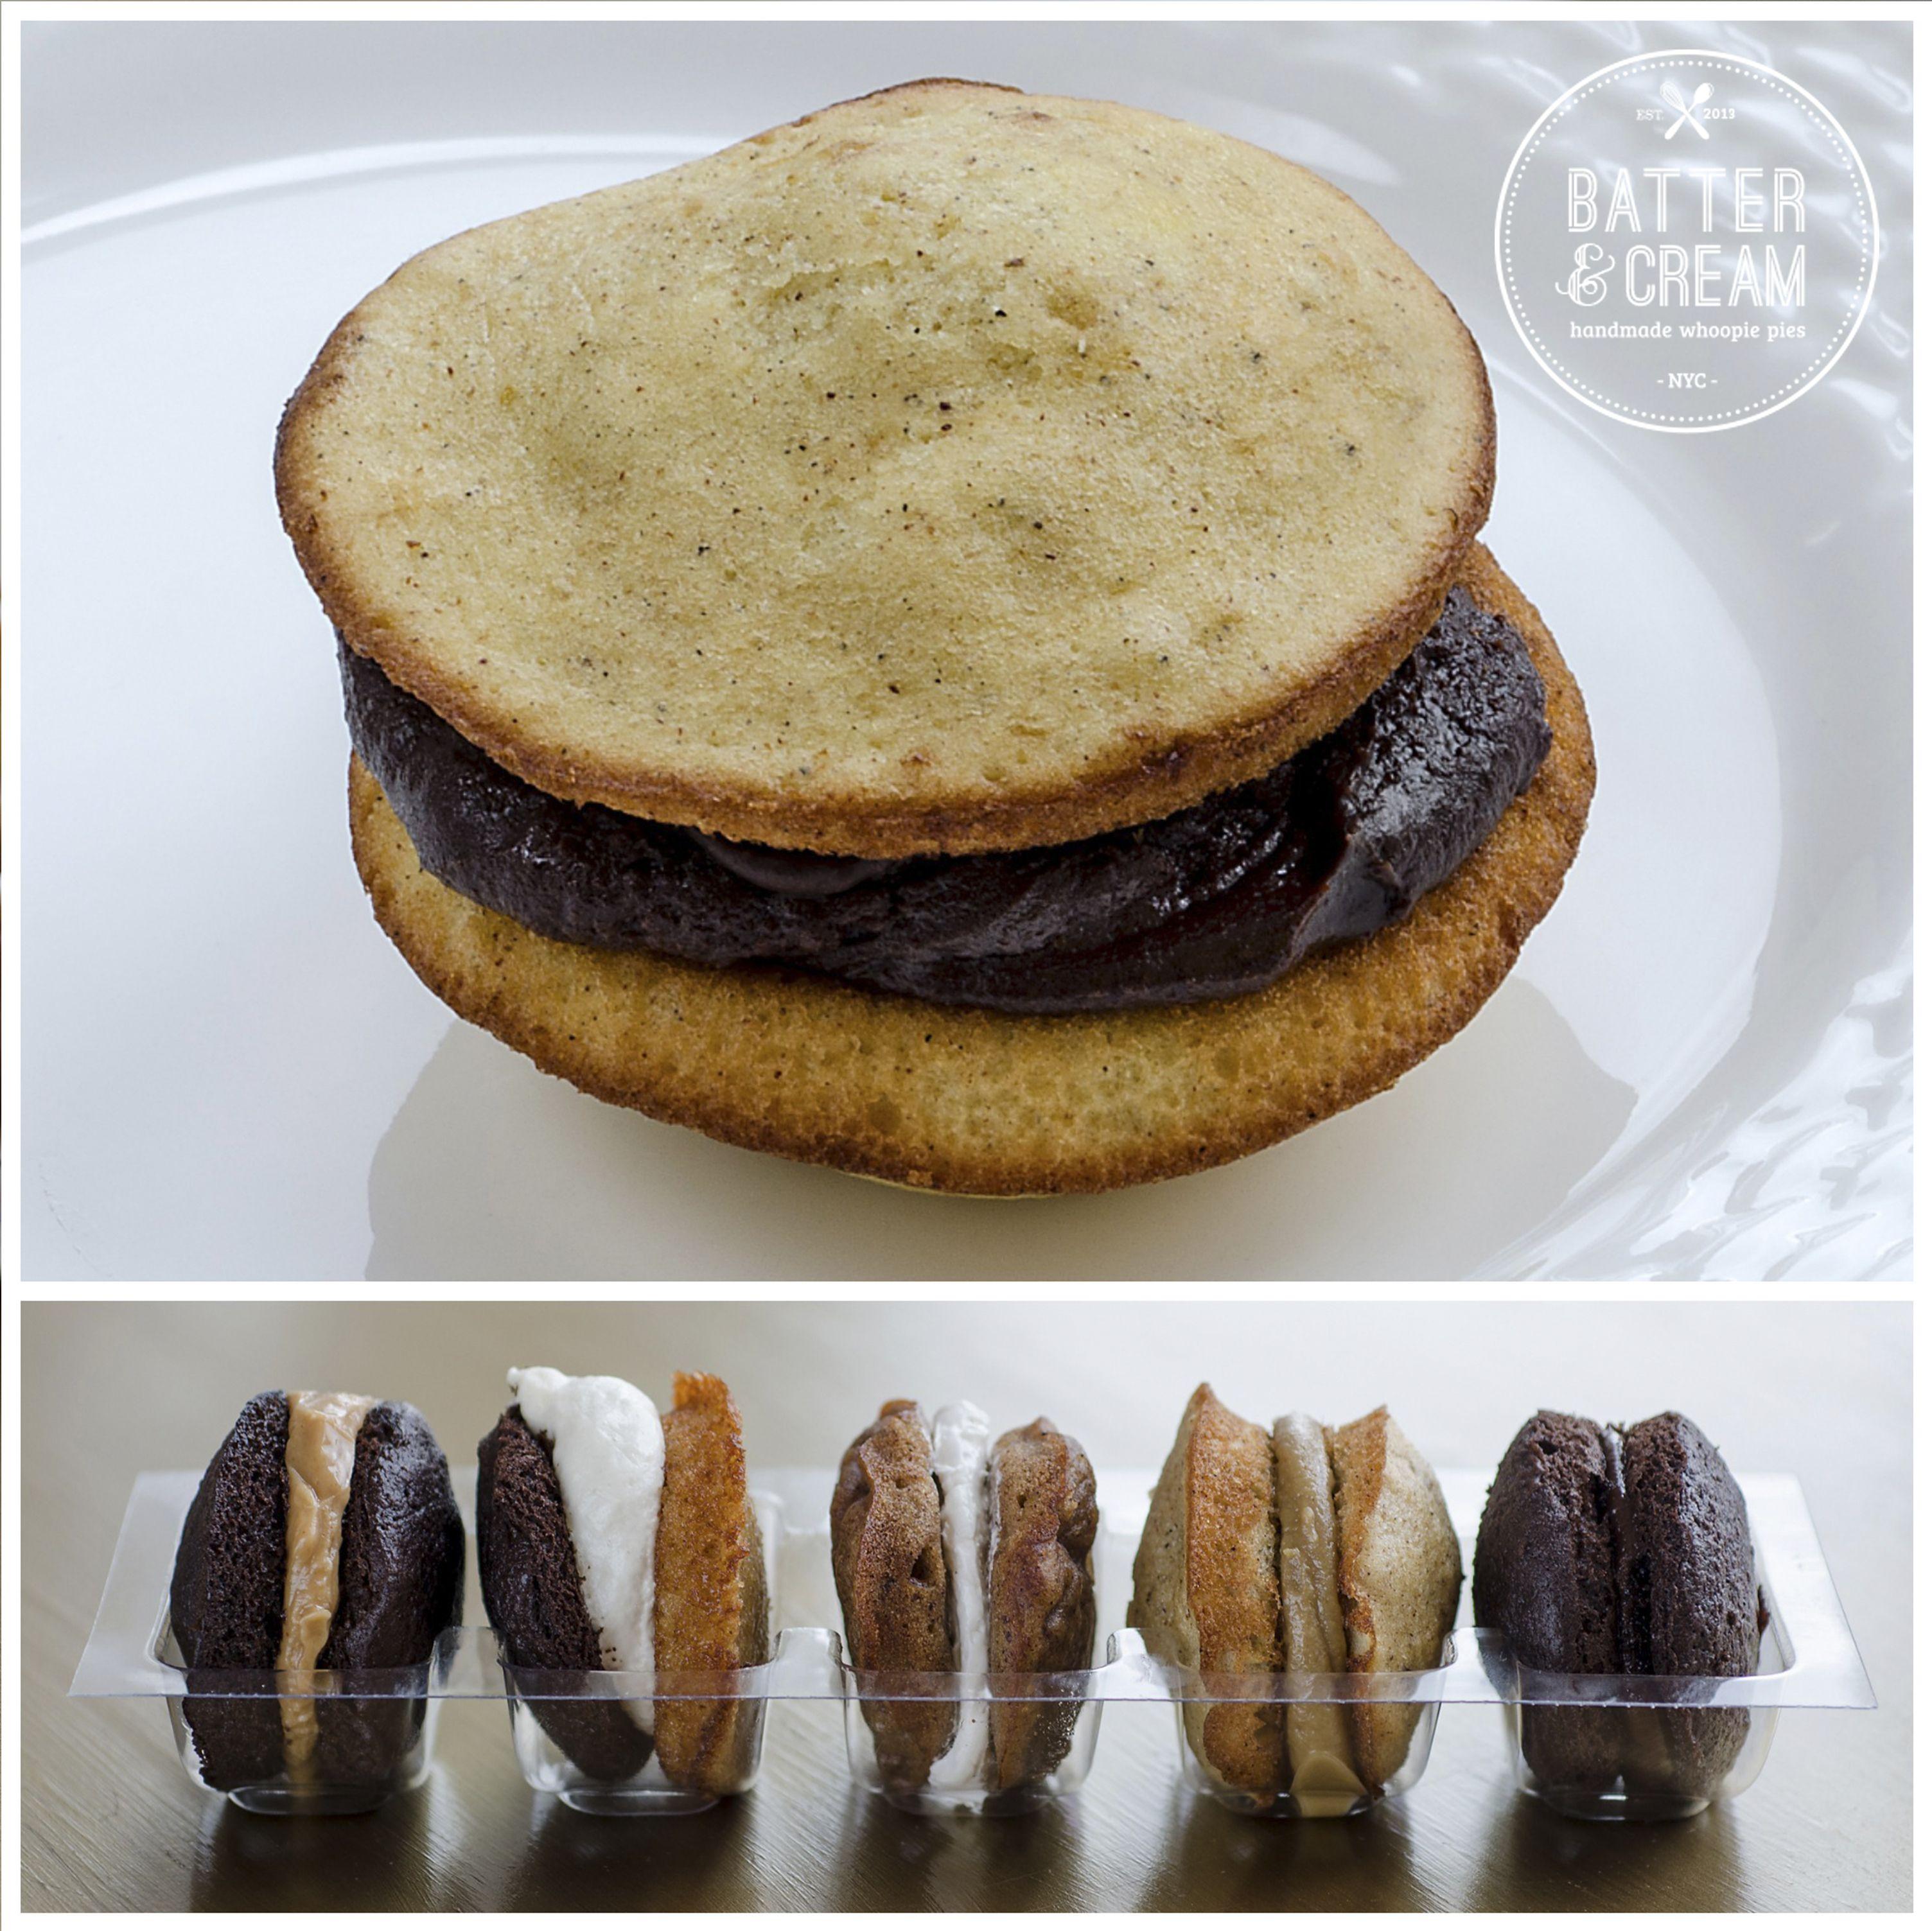 Walnut Cardamom Cake with Cinnamon Buttercream Frosting